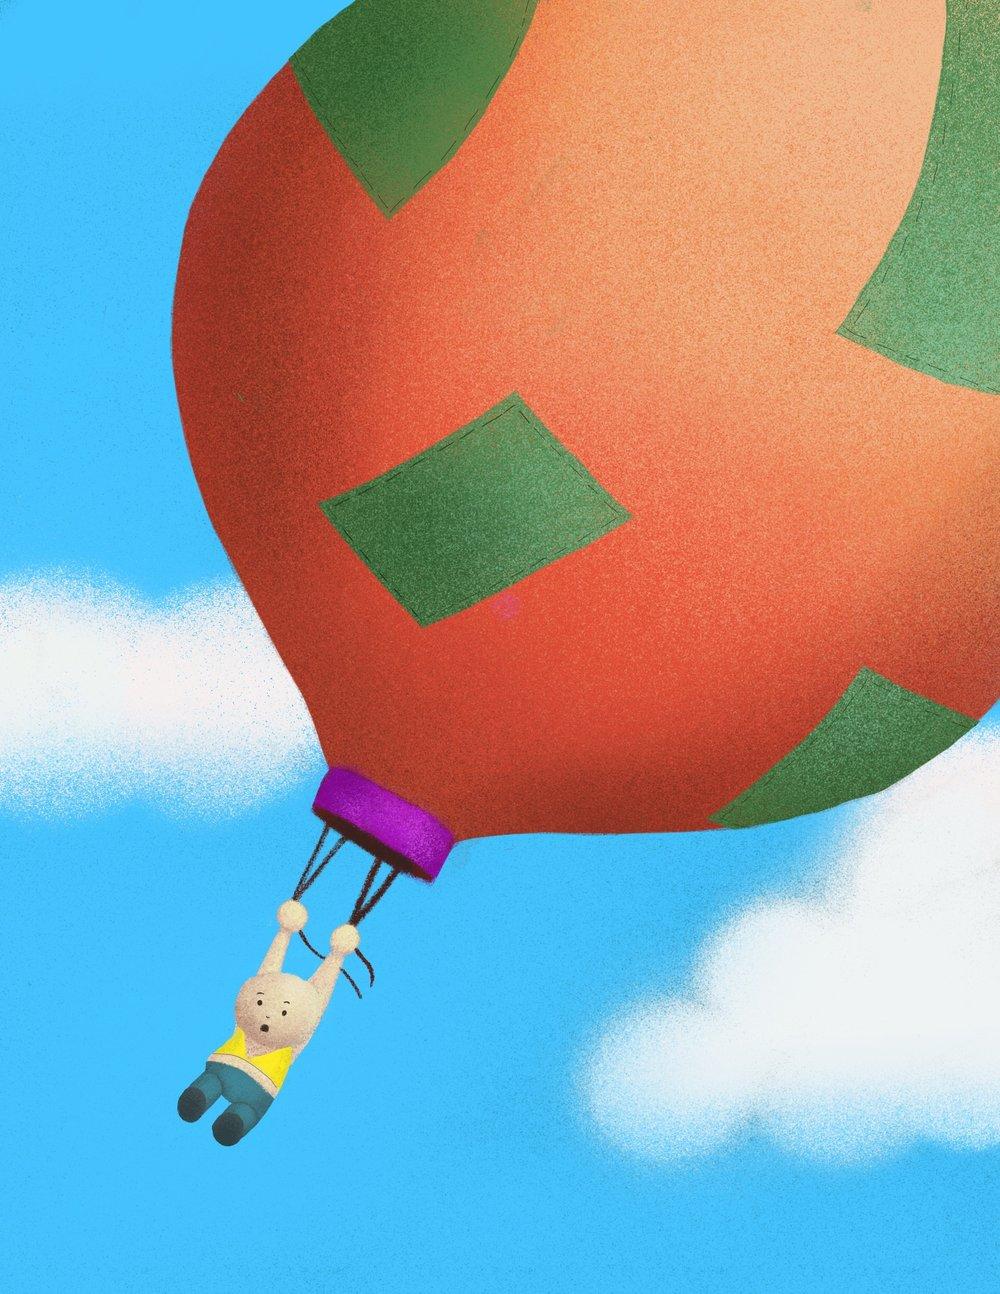 balloon travel - cheaper than an airplane ticket, riskier than driving